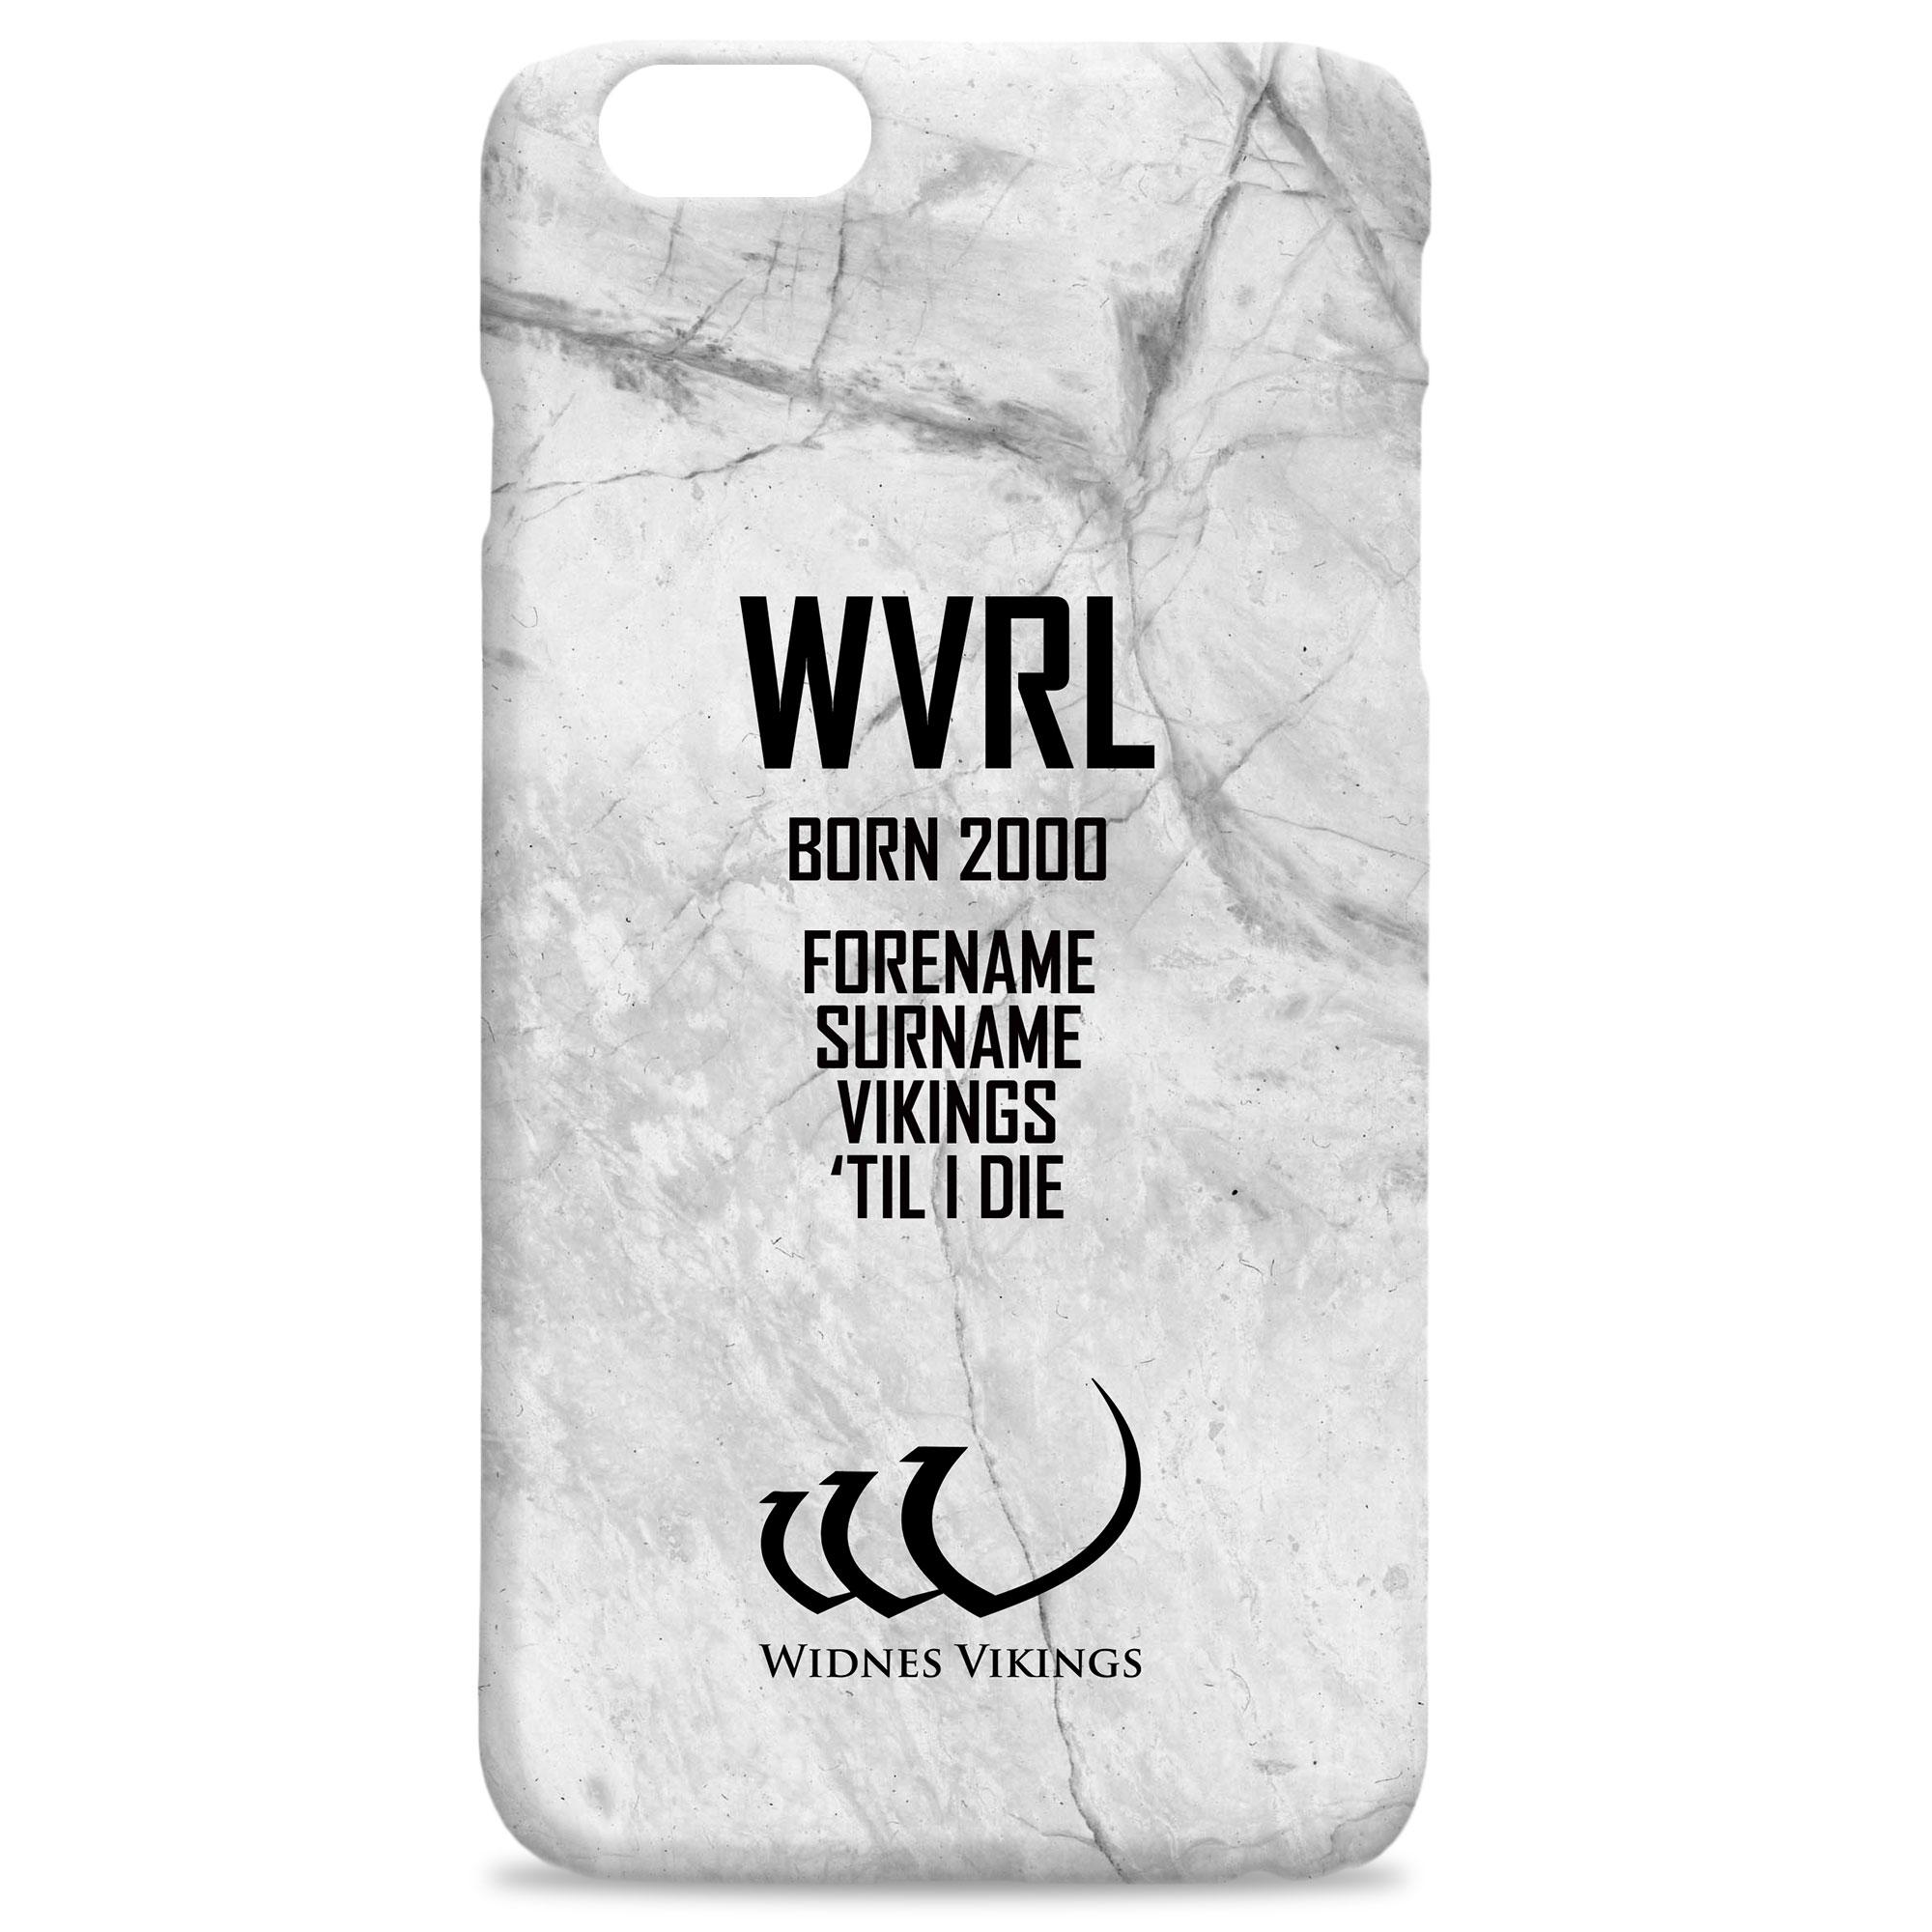 Widnes Vikings 'Til I Die Hard Back Phone Case